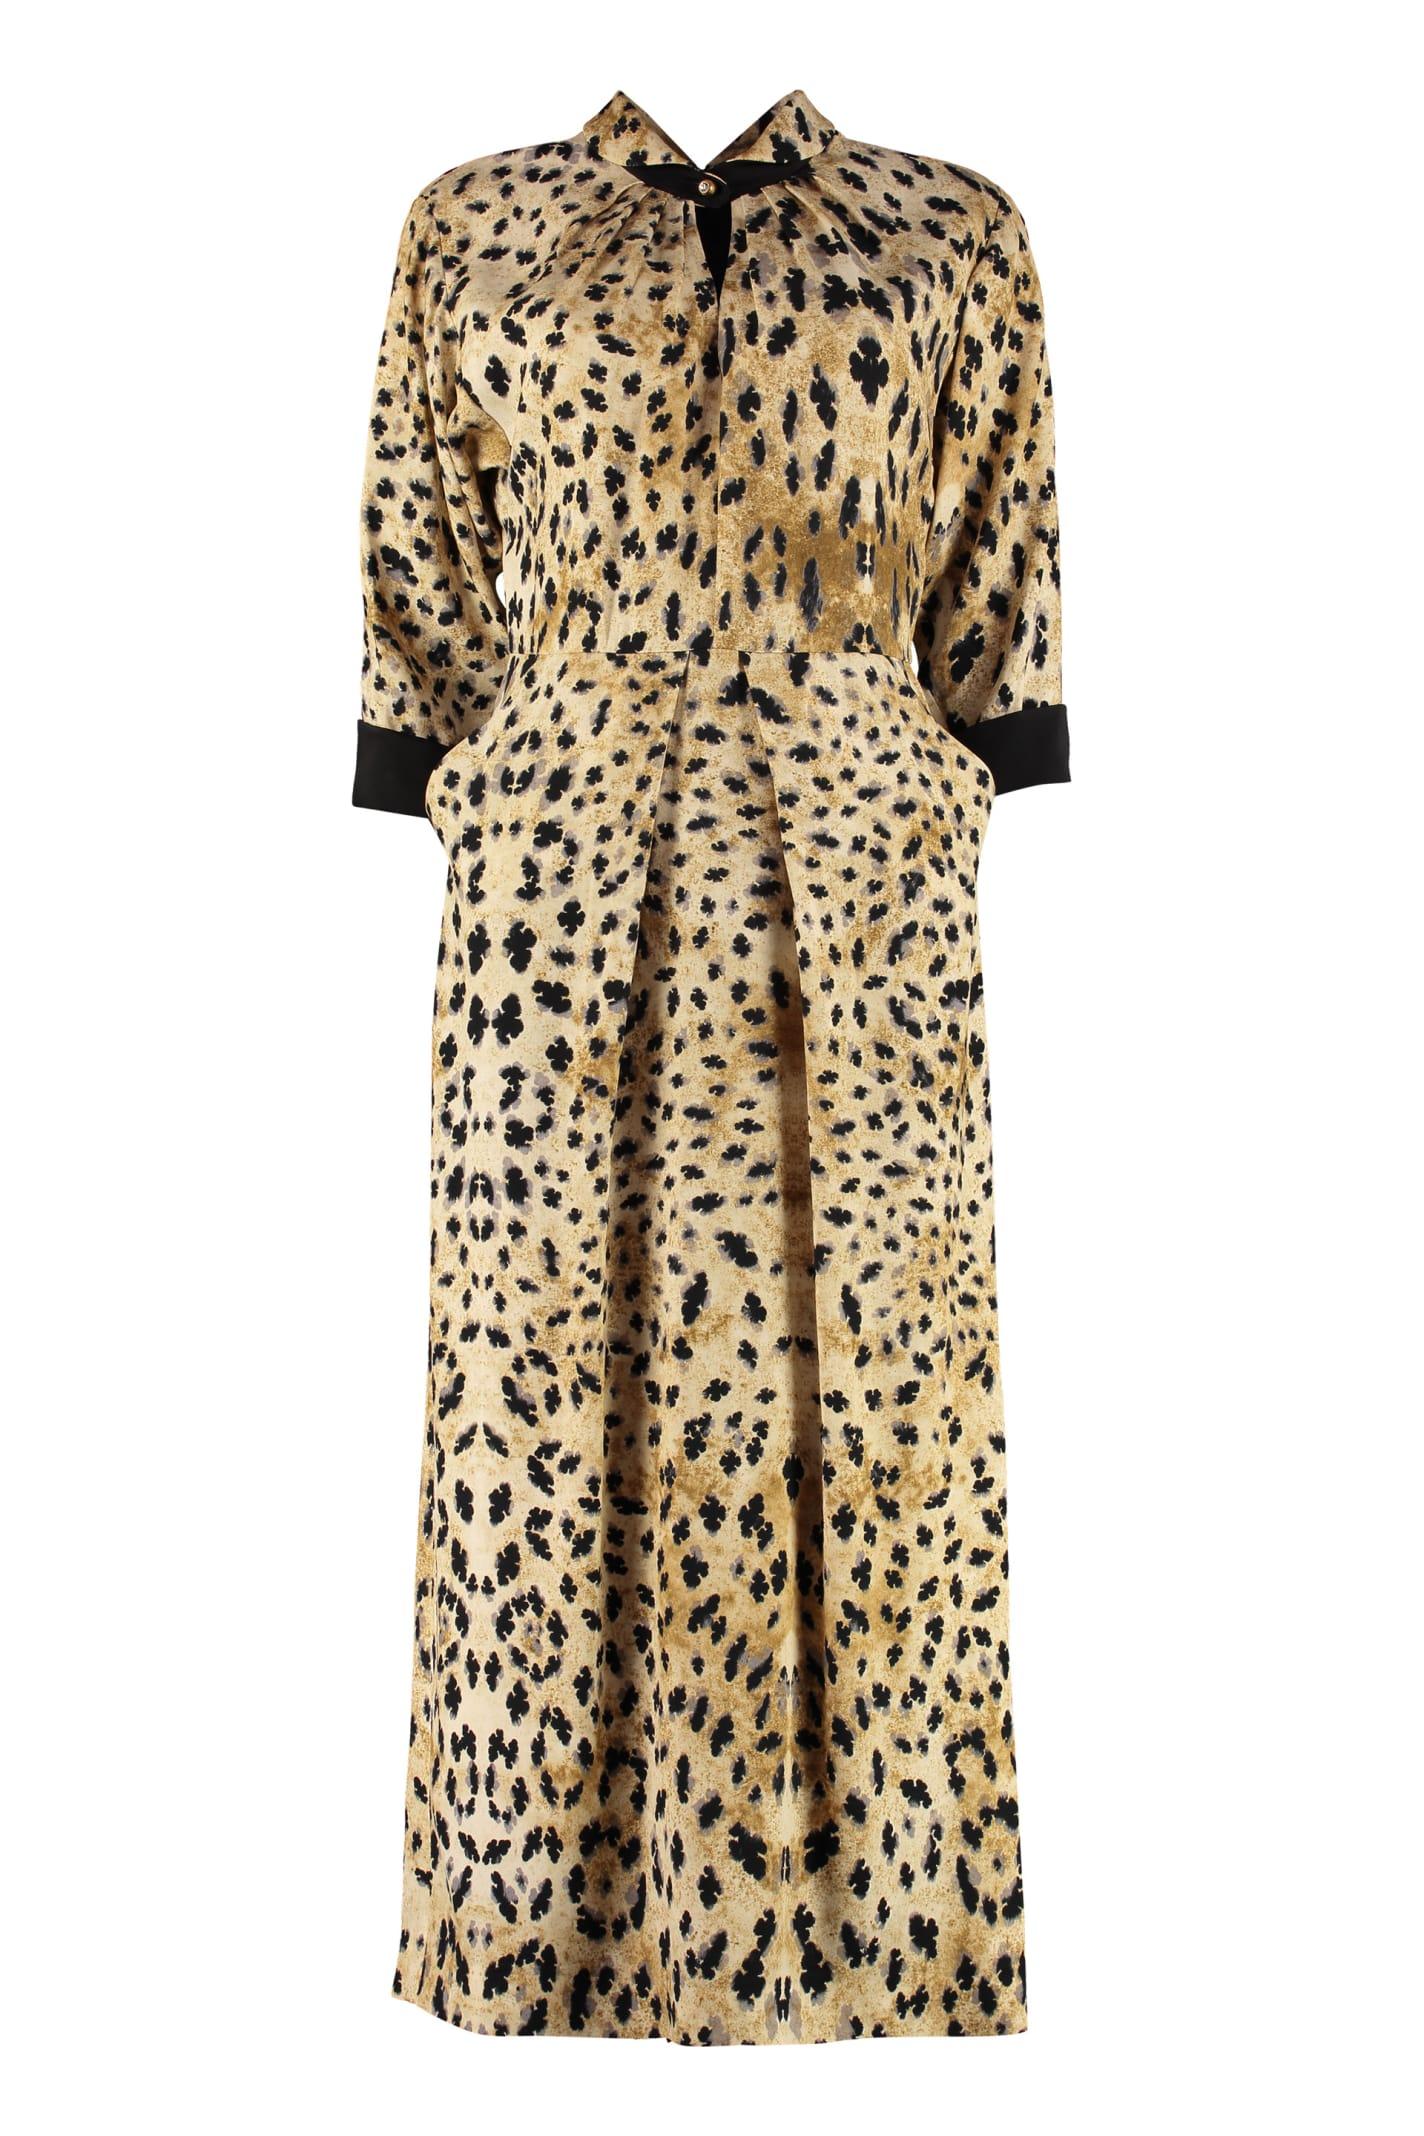 Prada Midi Viscose Dress